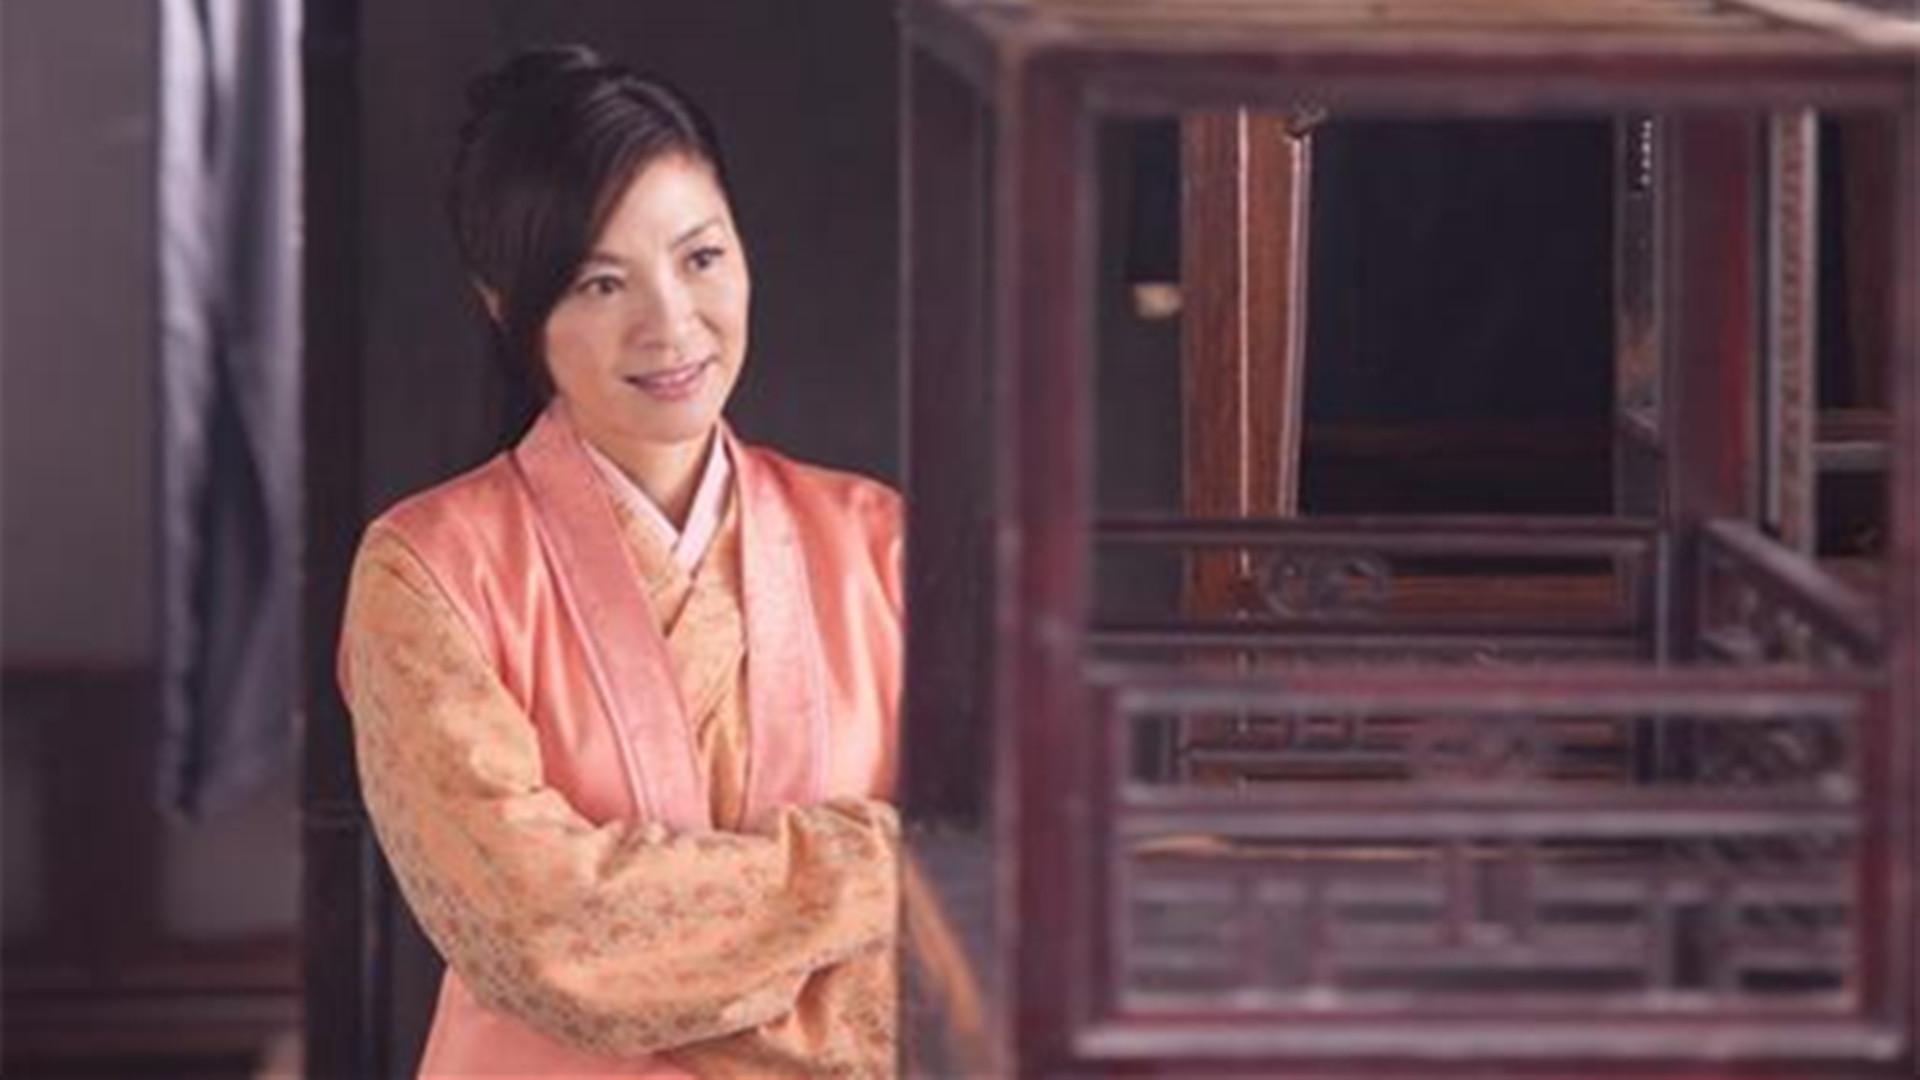 电影中的六位女侠角色,刘亦菲心思缜密,但都不如第一位经典